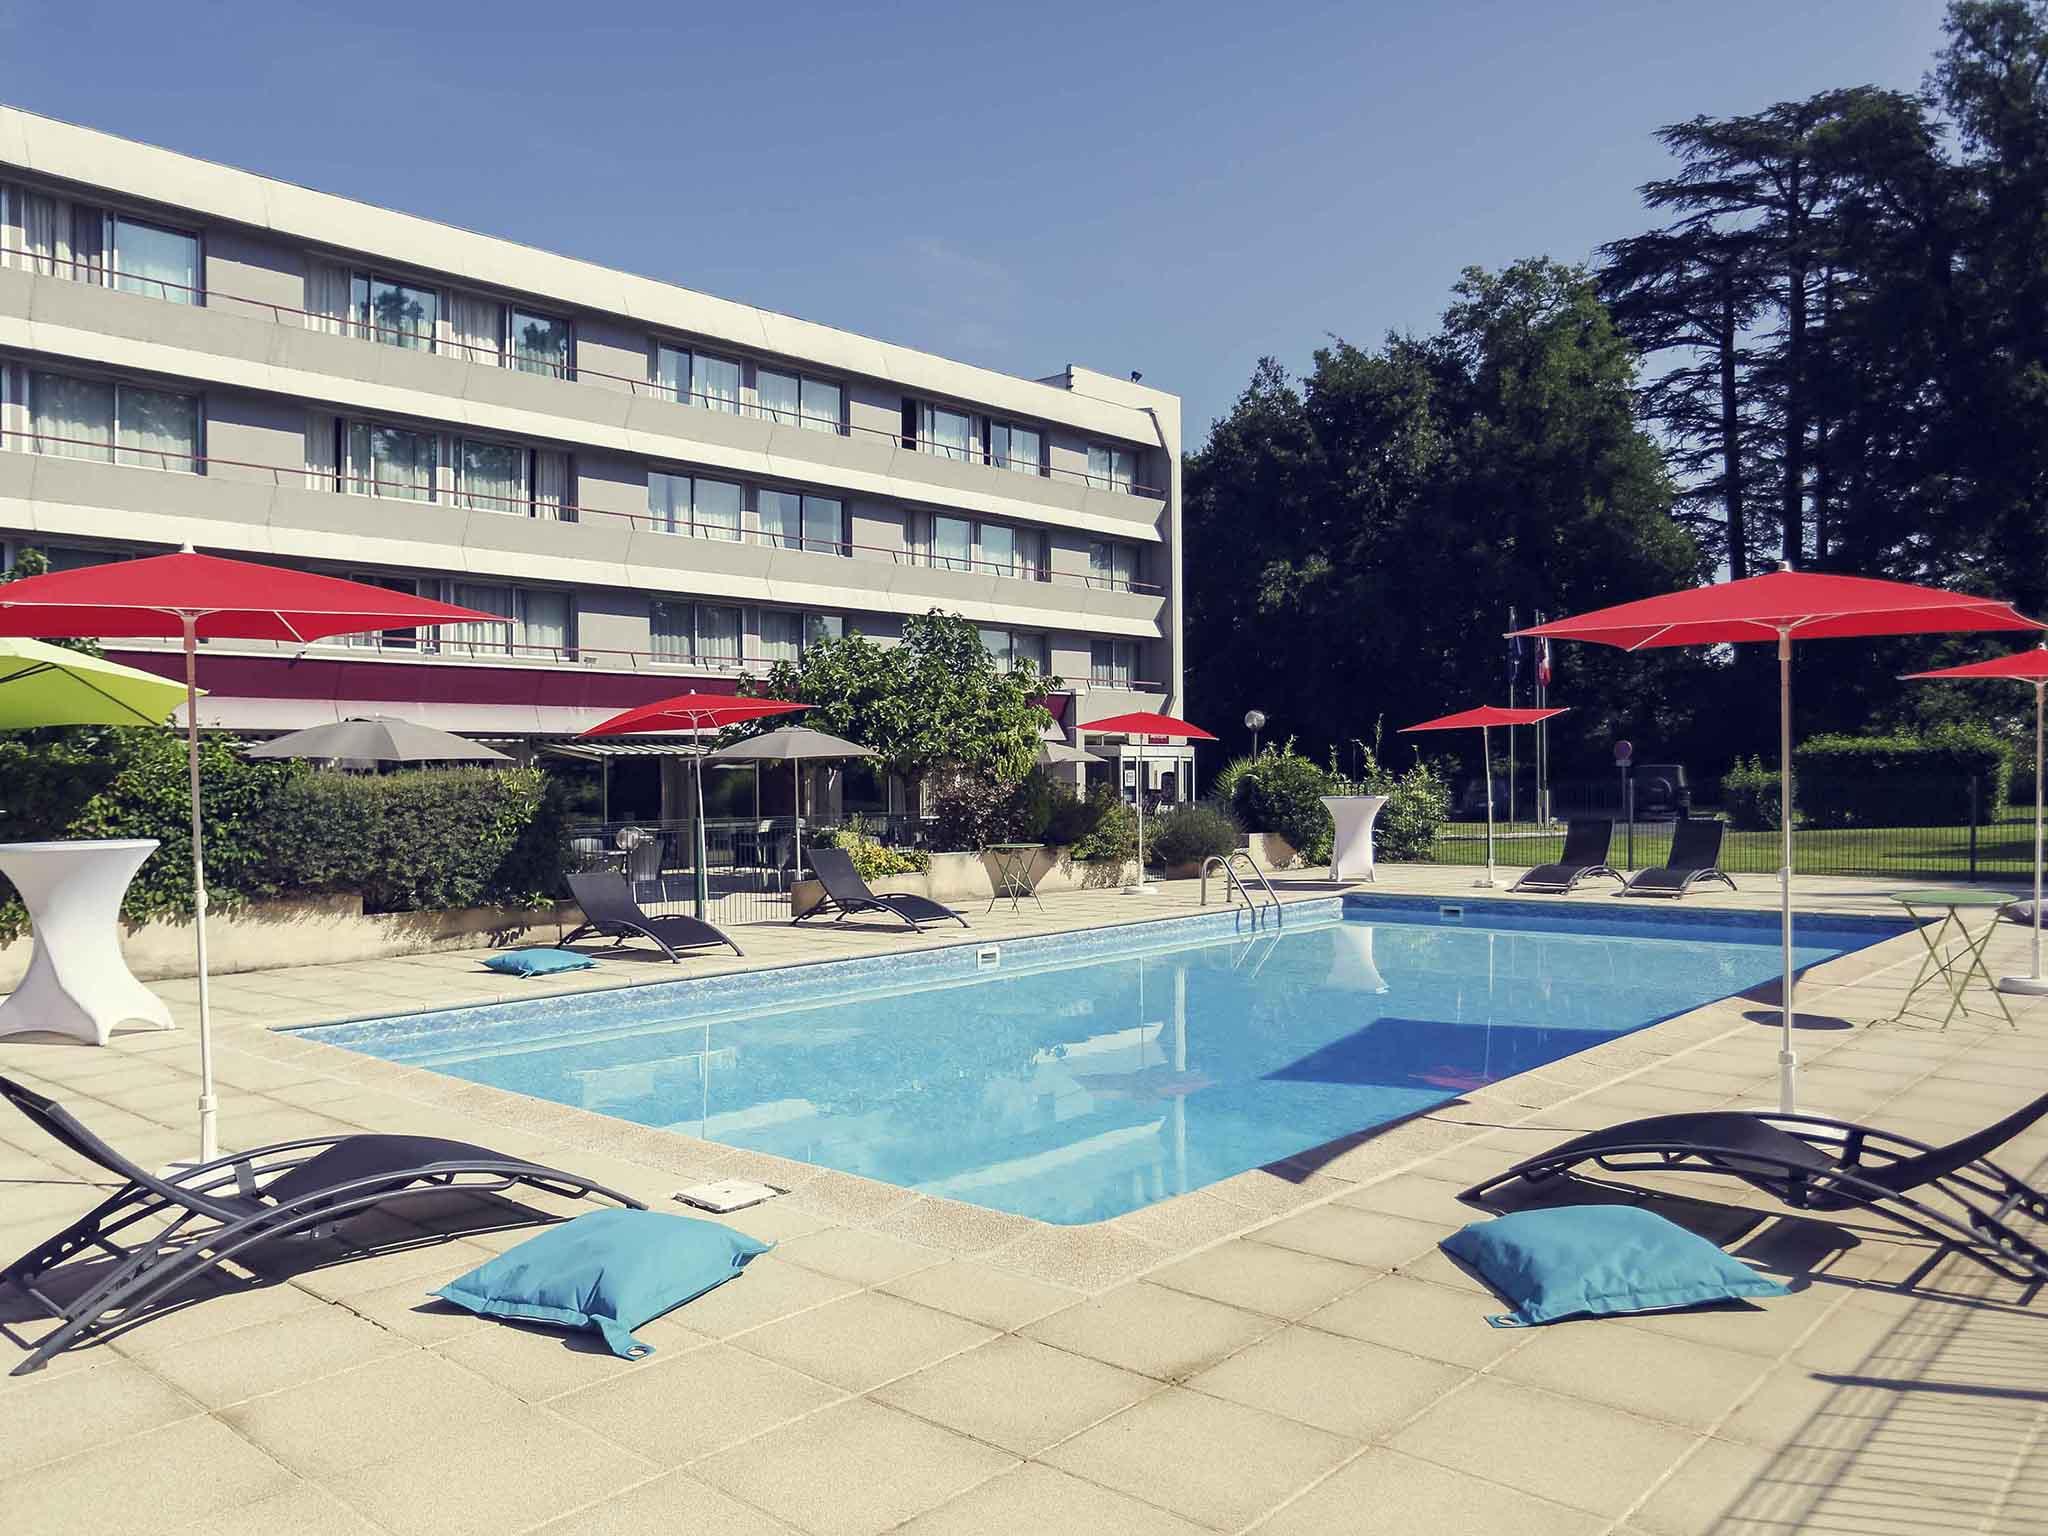 Hotel - Mercure Brive Hotel